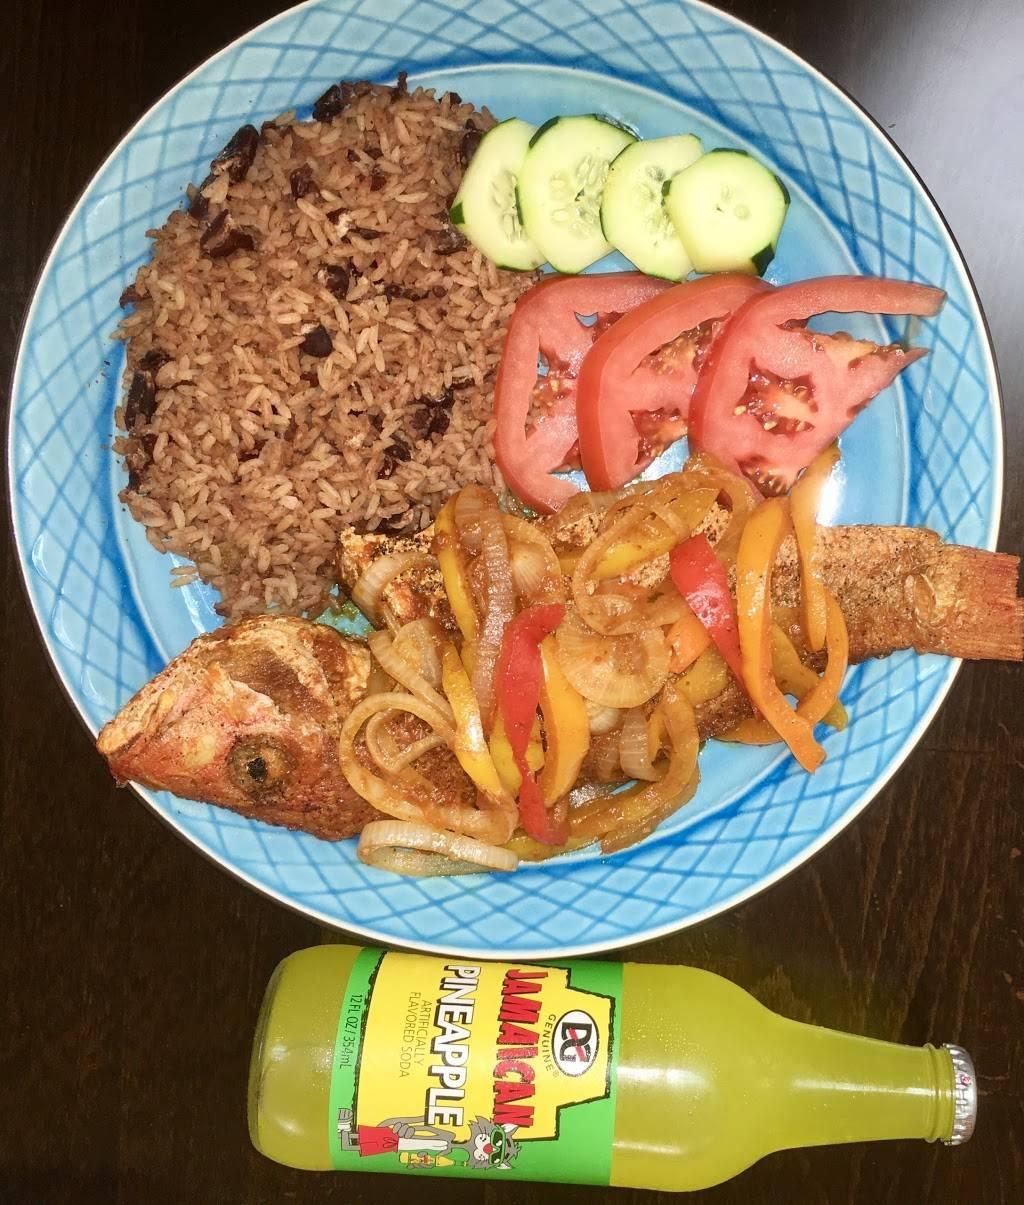 Caribbean Sunshine Restaurant   restaurant   1111 E Tremont Ave, Bronx, NY 10460, USA   9297779184 OR +1 929-777-9184